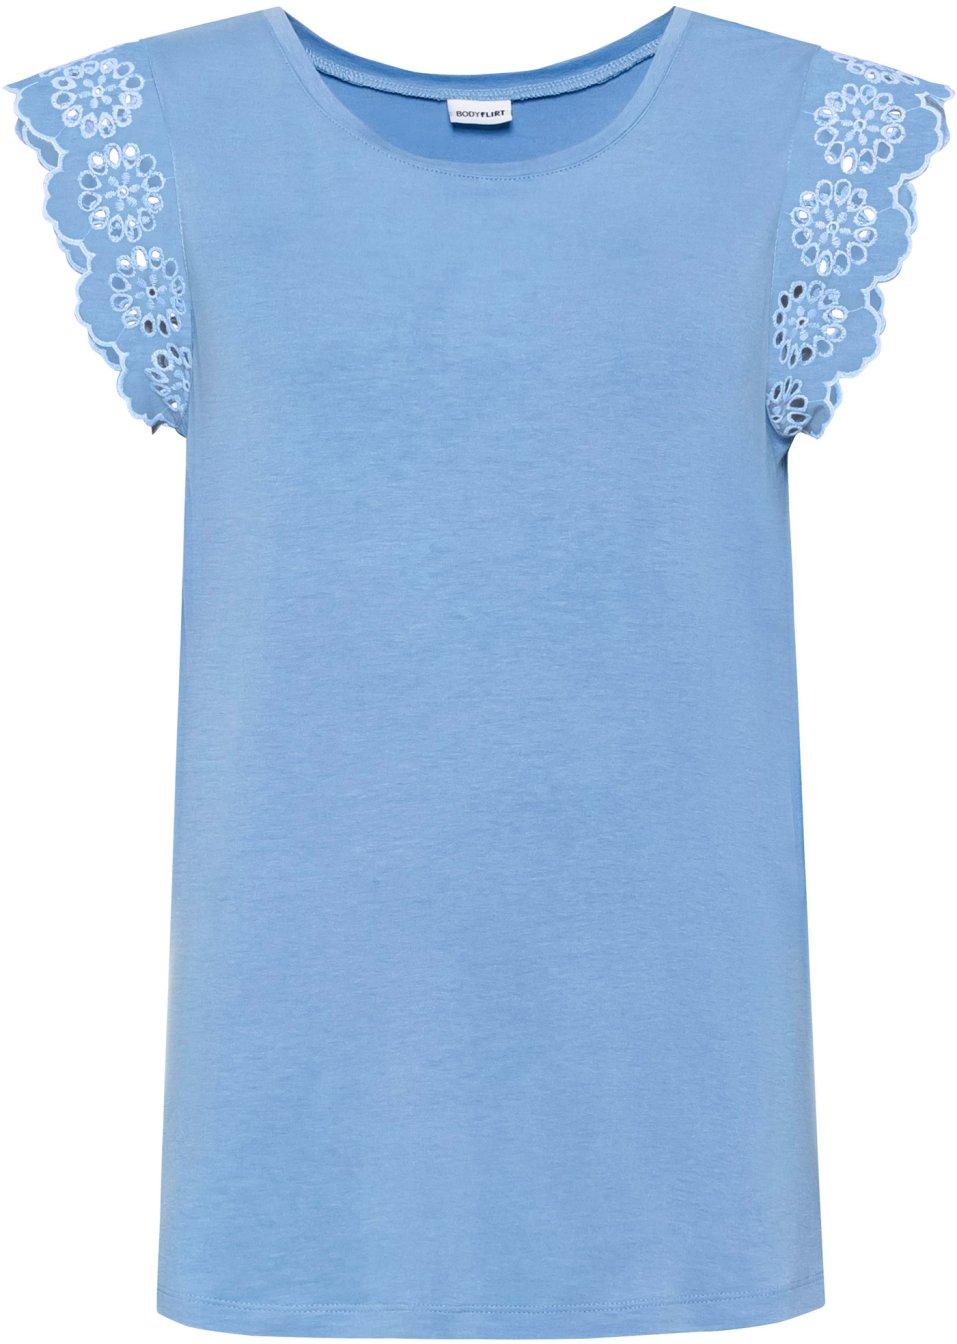 Shirt mit Spitze - blau XzOCt OjTuX